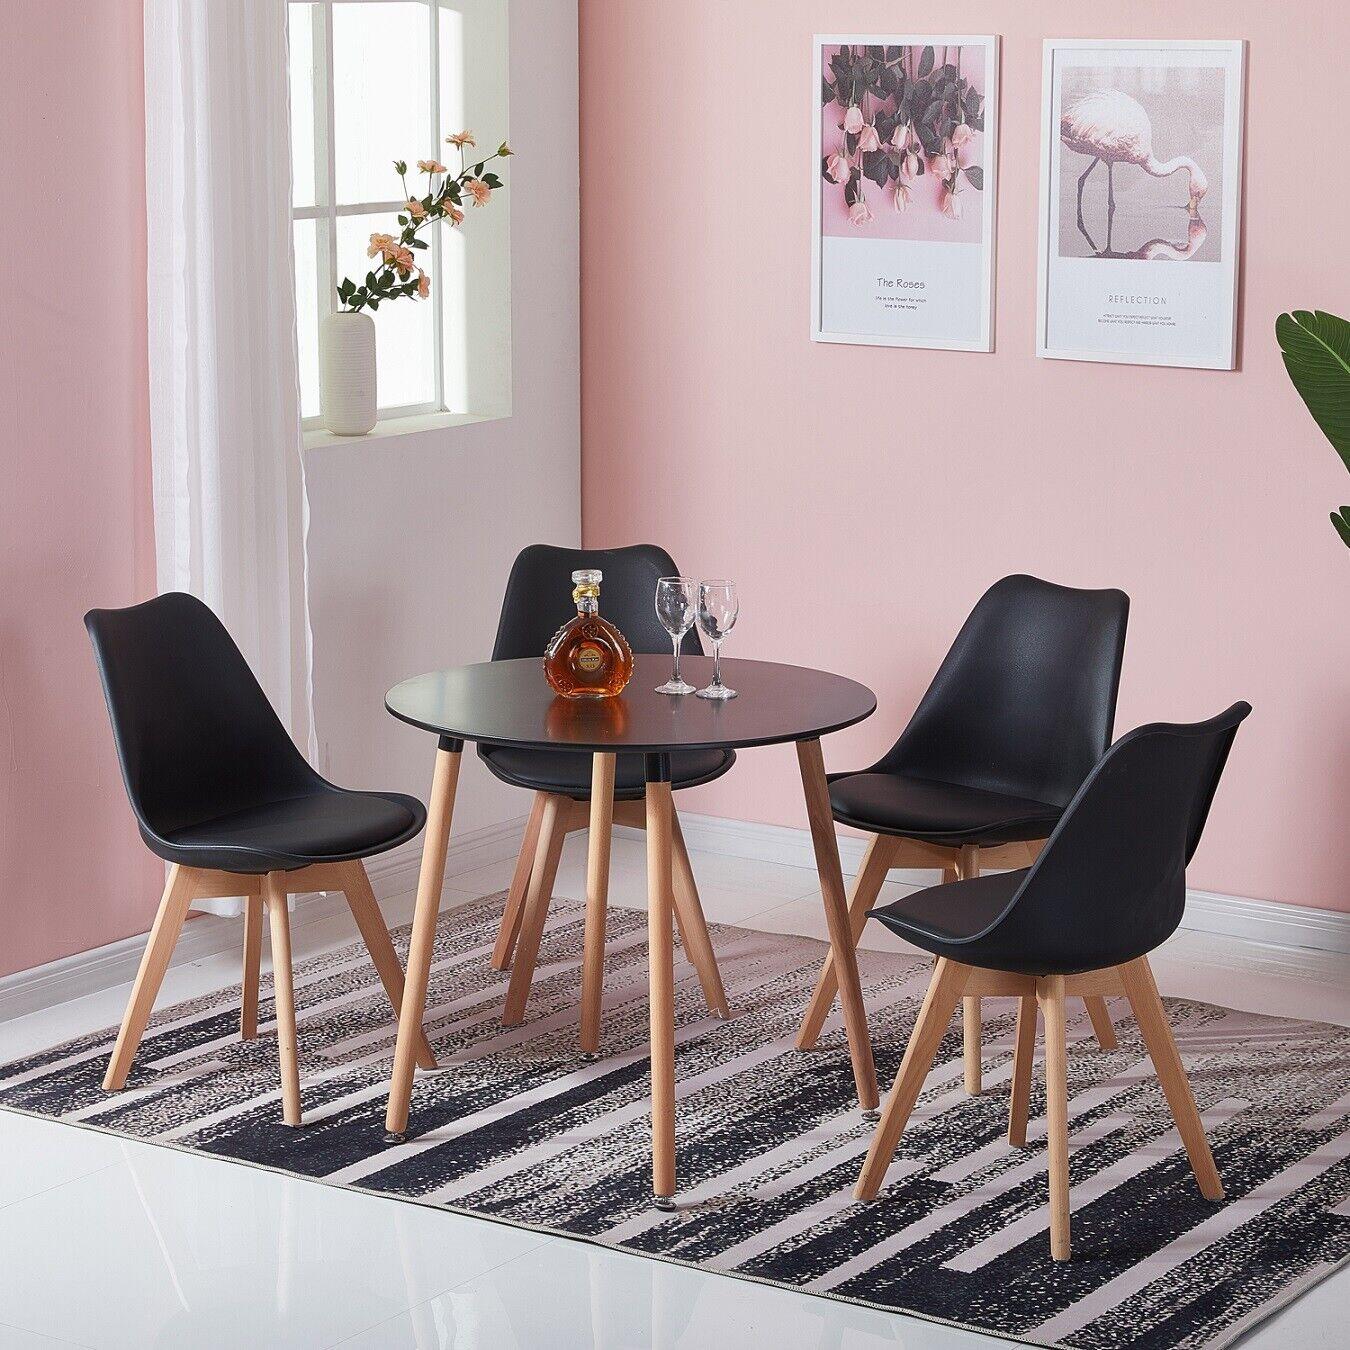 Eggree Table Ronde De Salle A Manger Table Moderne Pour Loisirs Bureau Salon